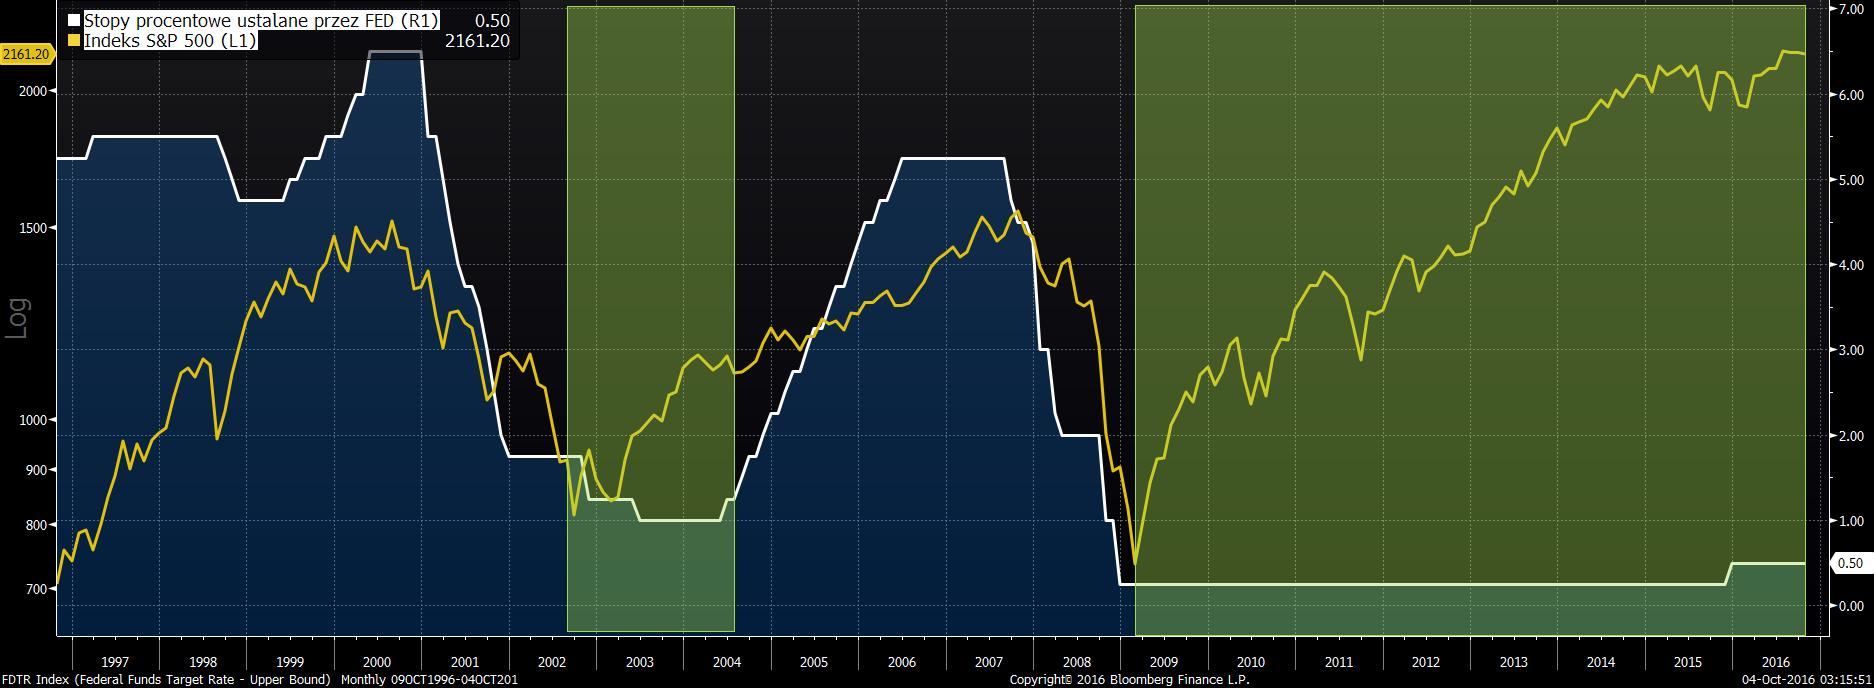 Stopy procentowe ustalane przez Rezerwę Federalną na tle indeksu S&P 500